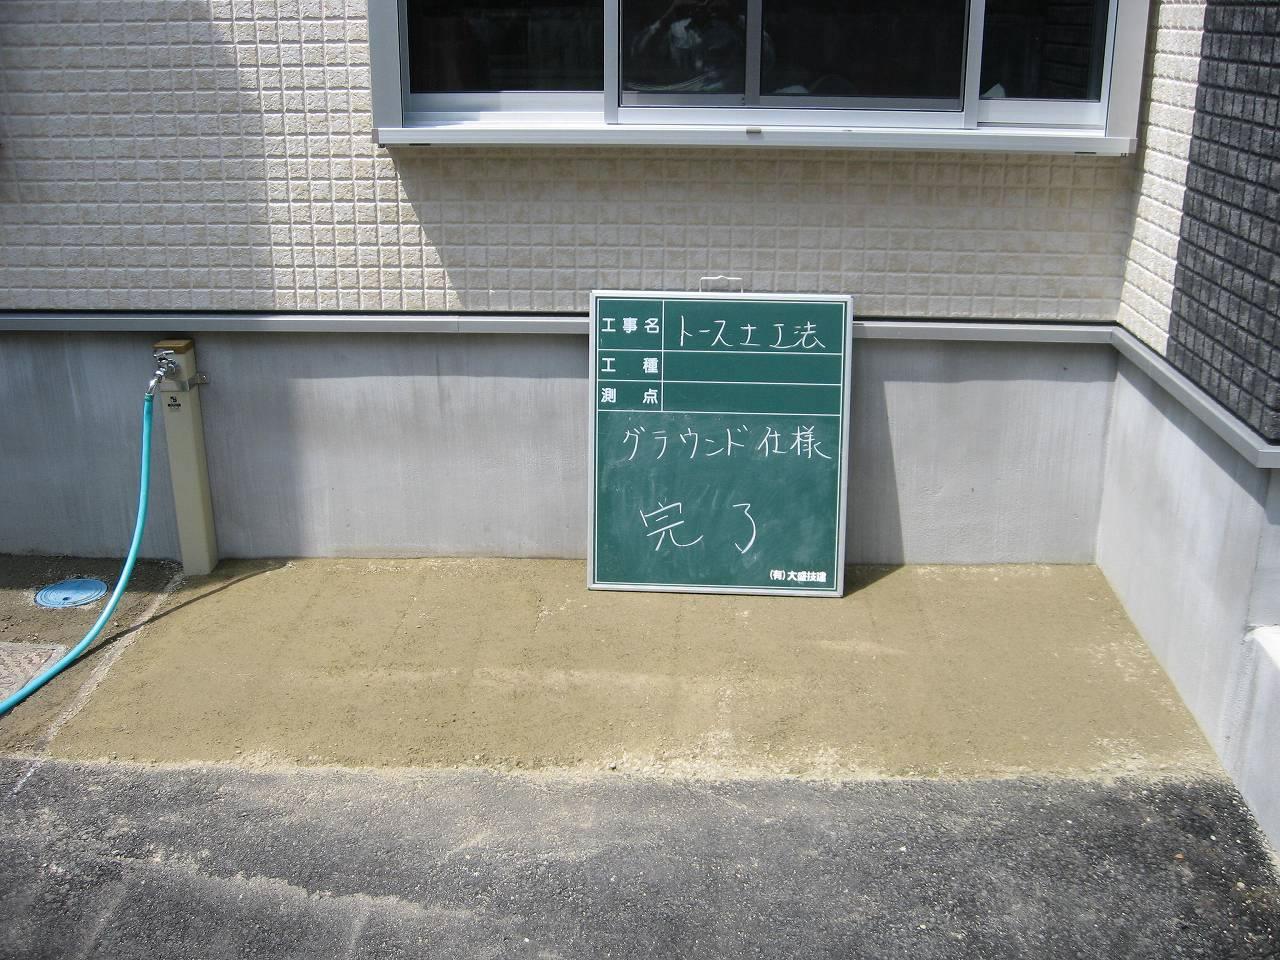 http://taiseigikenn.com/wp-content/uploads/4-29.jpg